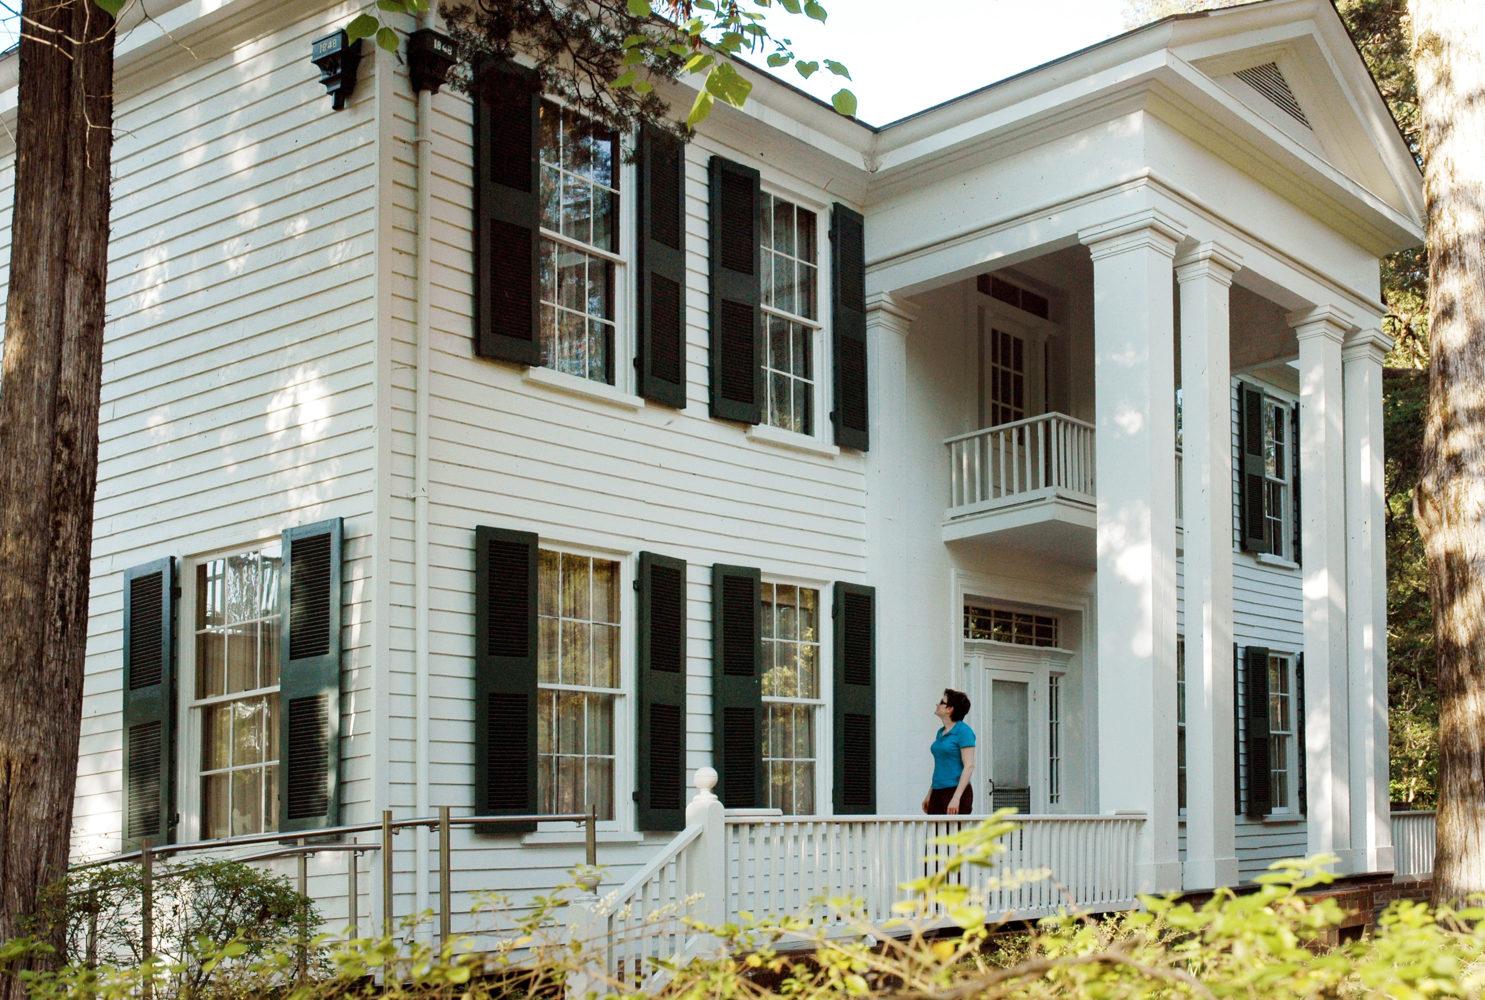 Die Villa Rowan Oak in Oxfordin der William Faulkner gelebt und gearbeitet hat / Bild: Verkehrsbüro der Stadt Memphis und des Staates Mississippi